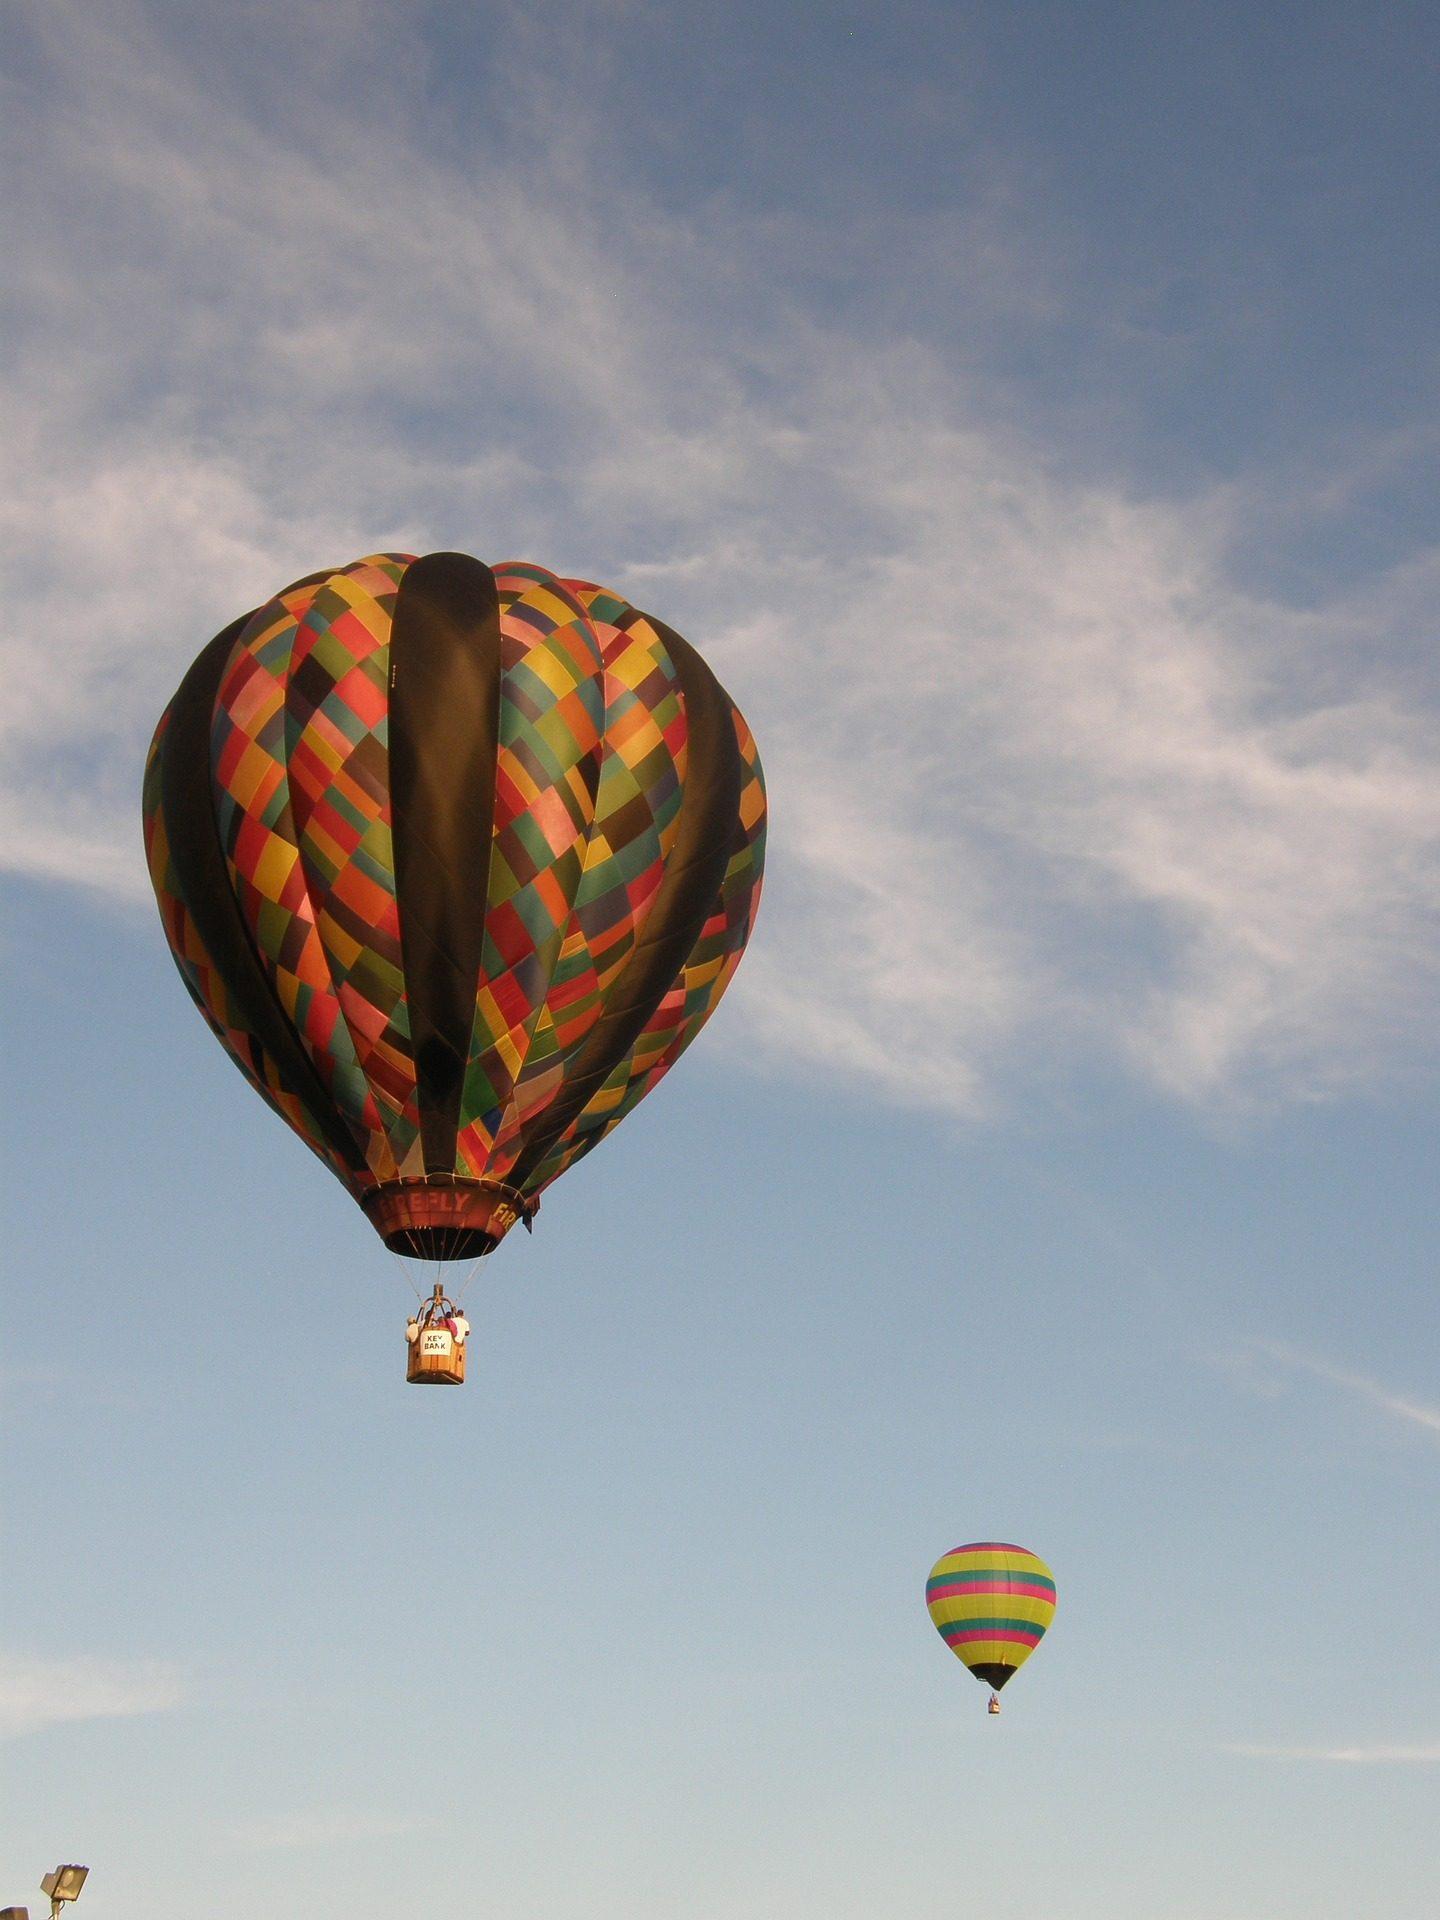 palloncini, aria calda, volare, altezza, Cielo, nuvole - Sfondi HD - Professor-falken.com